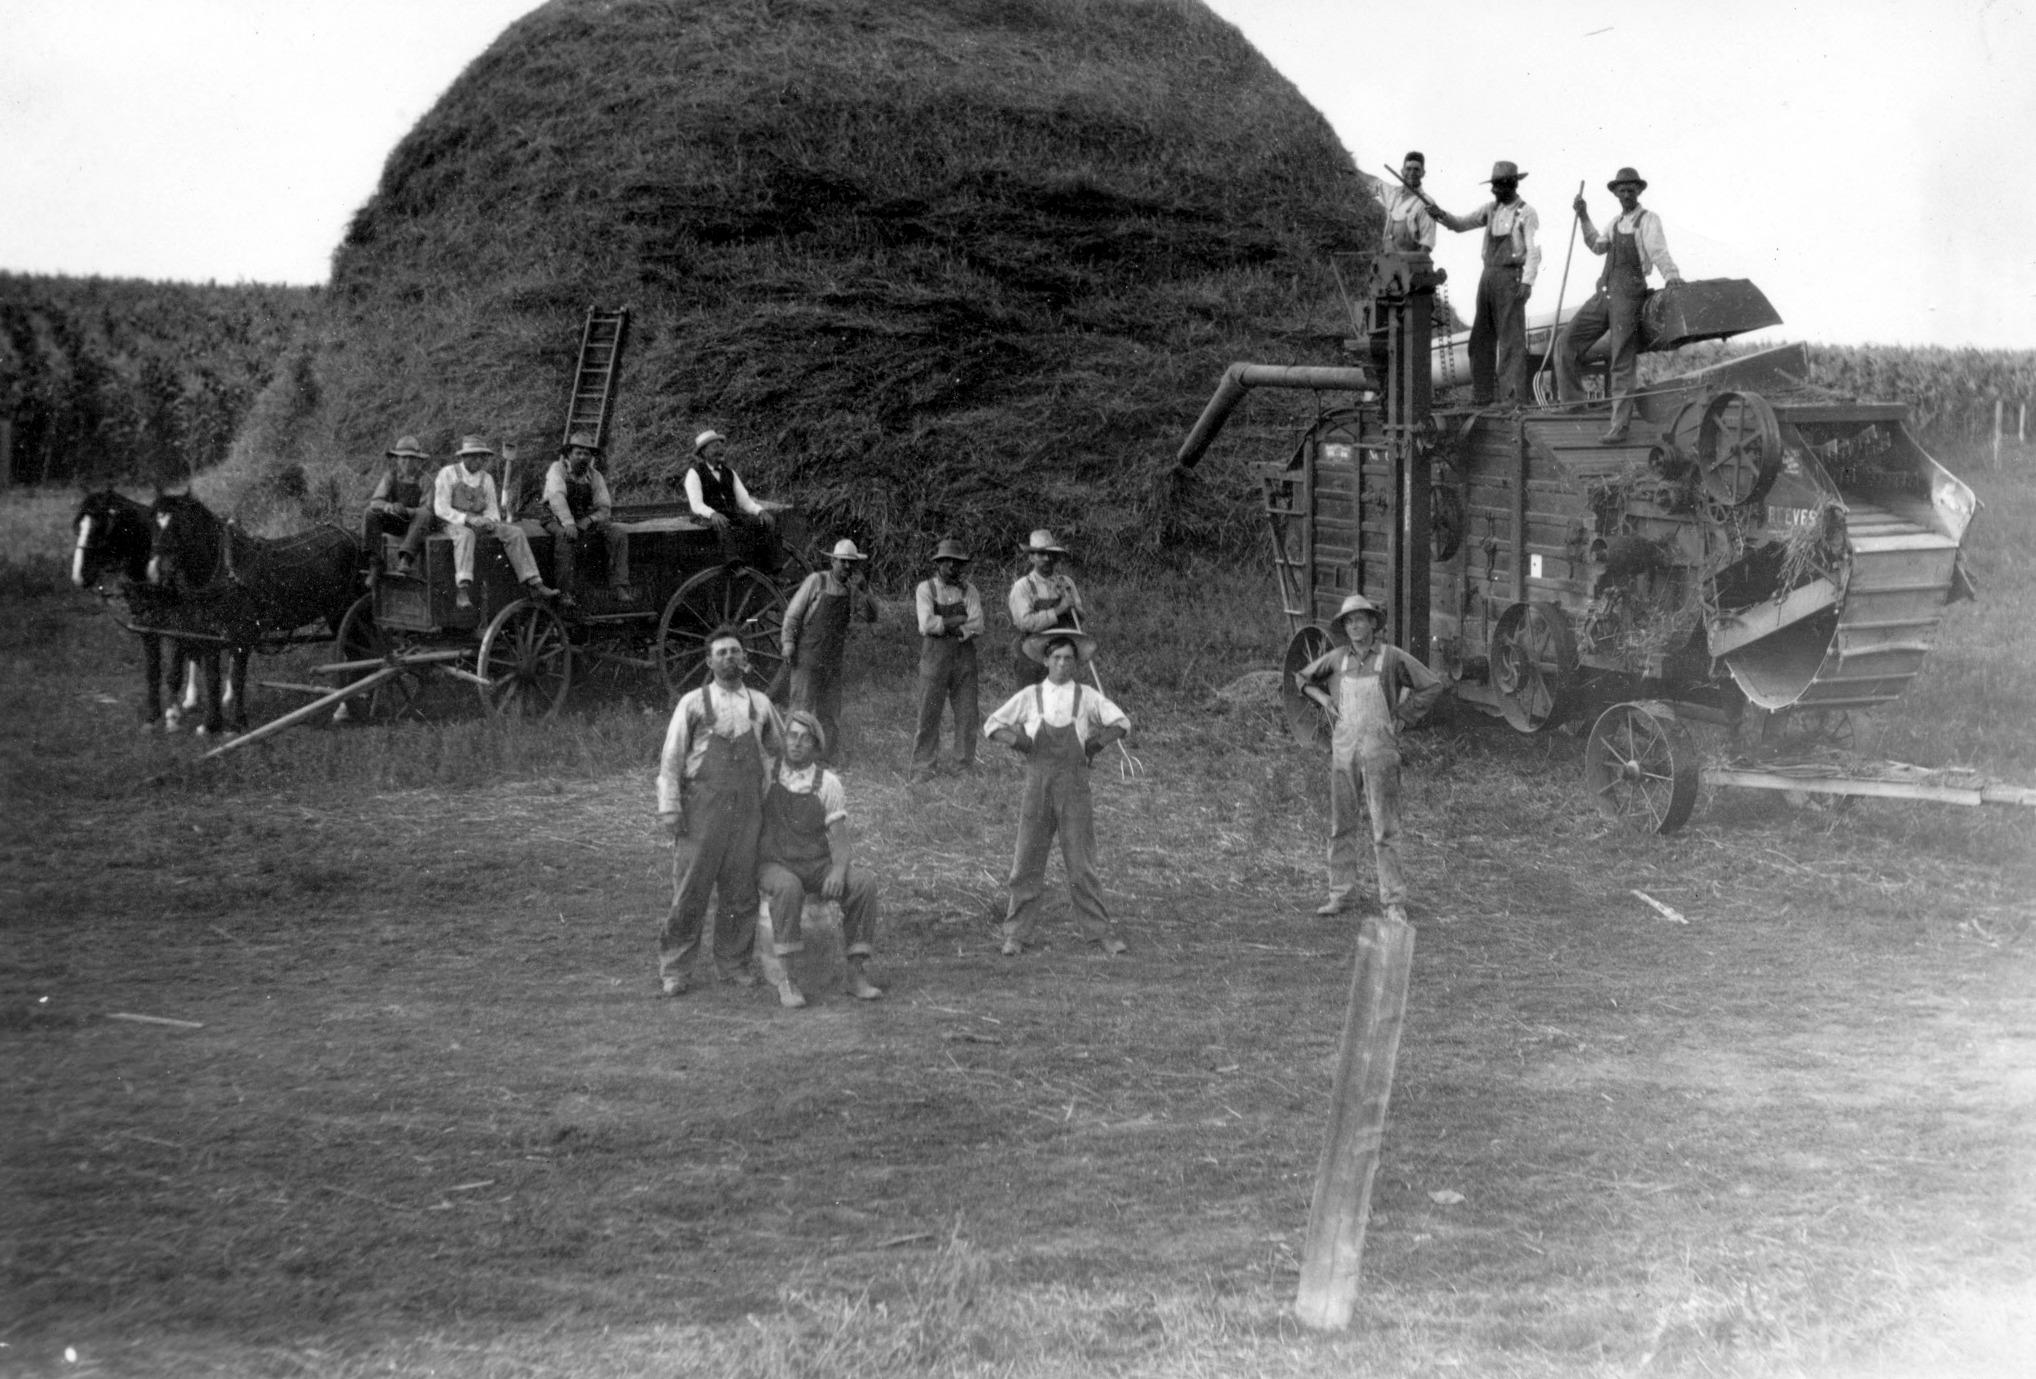 Threshing at Anton E Brichacek's 1916 46B